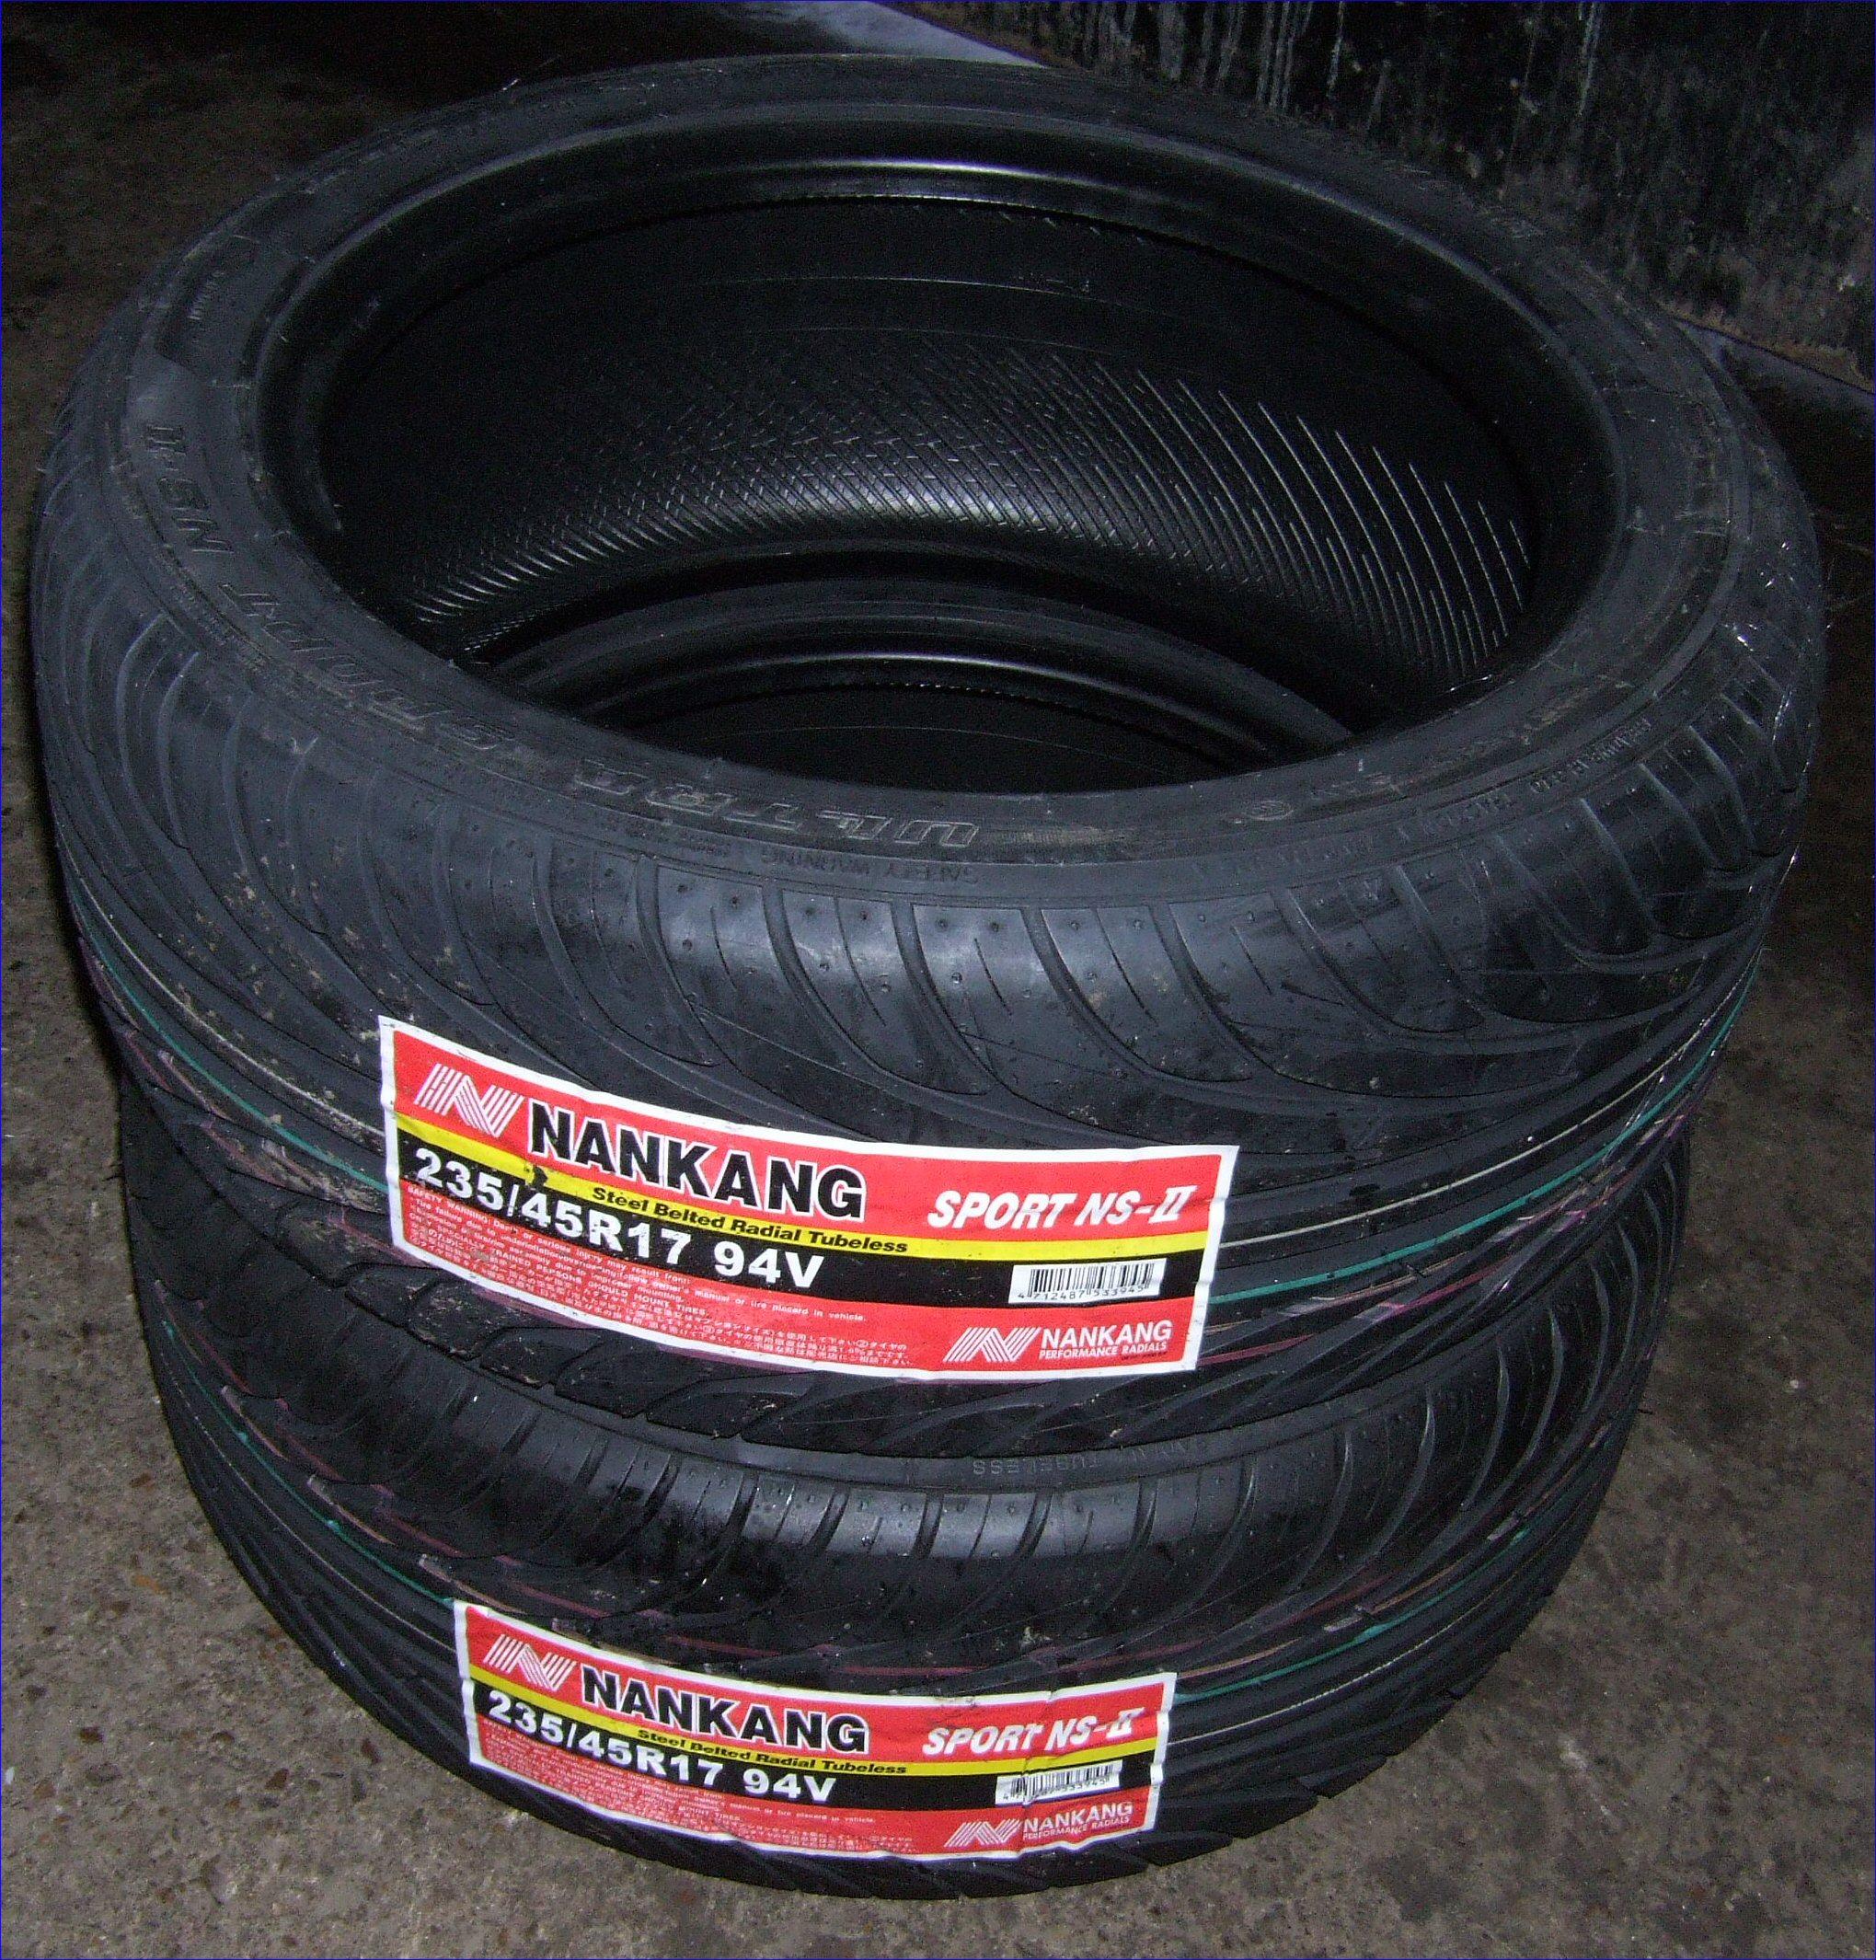 235 45 17 nankang ns2 235 45 17 tyres 2354517 91v x2 ebay. Black Bedroom Furniture Sets. Home Design Ideas